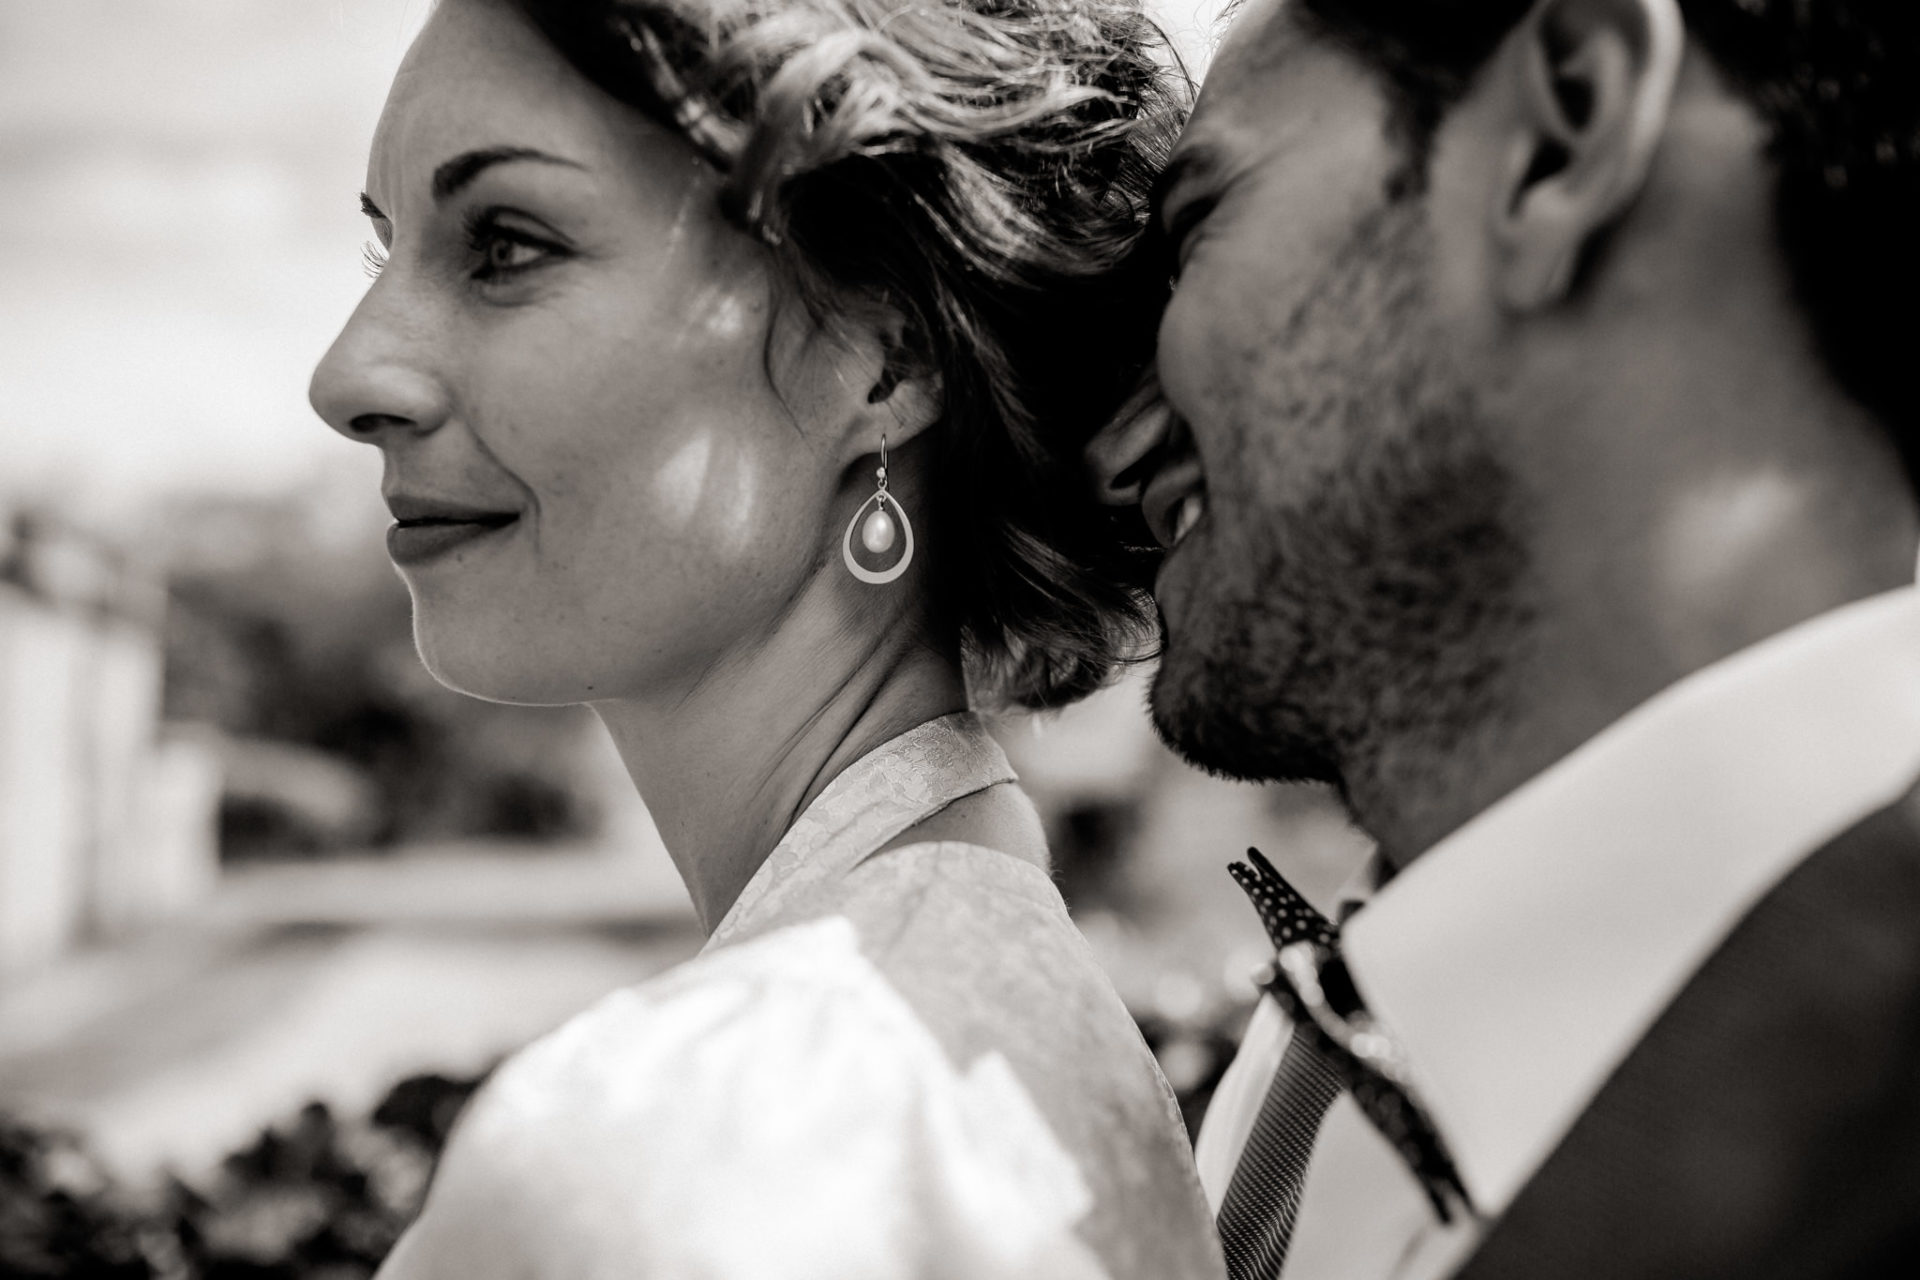 Hochzeitsfotograf Amalfi Küste-heiraten Italien-schwarzweiß Portrait Brautpaar